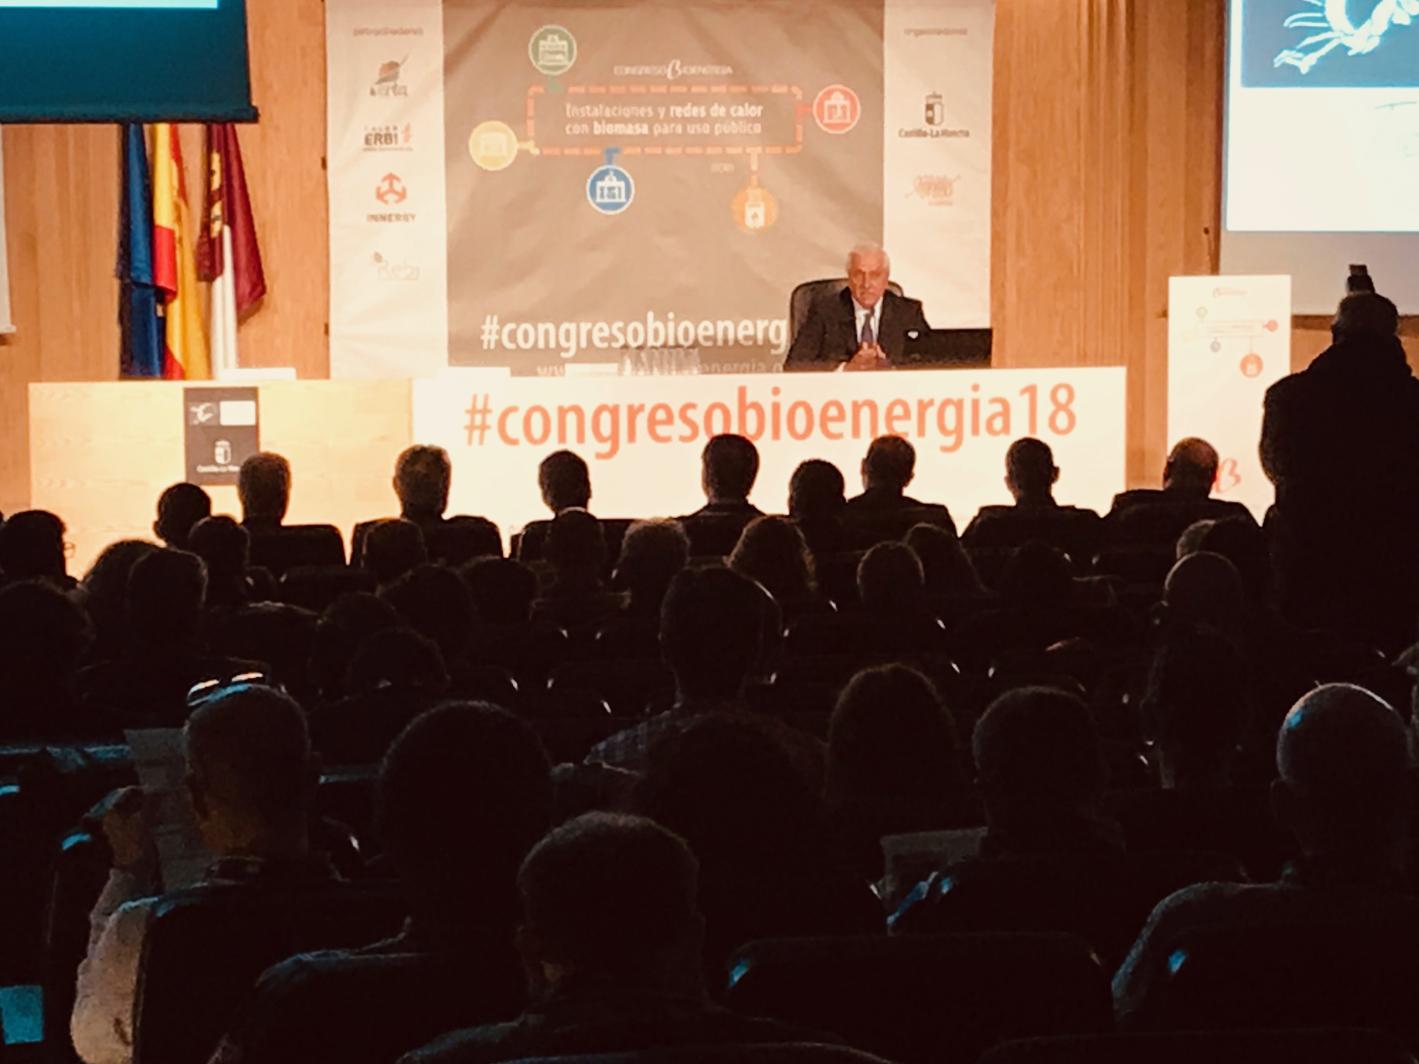 ouverture du congrès sur la bioénergie